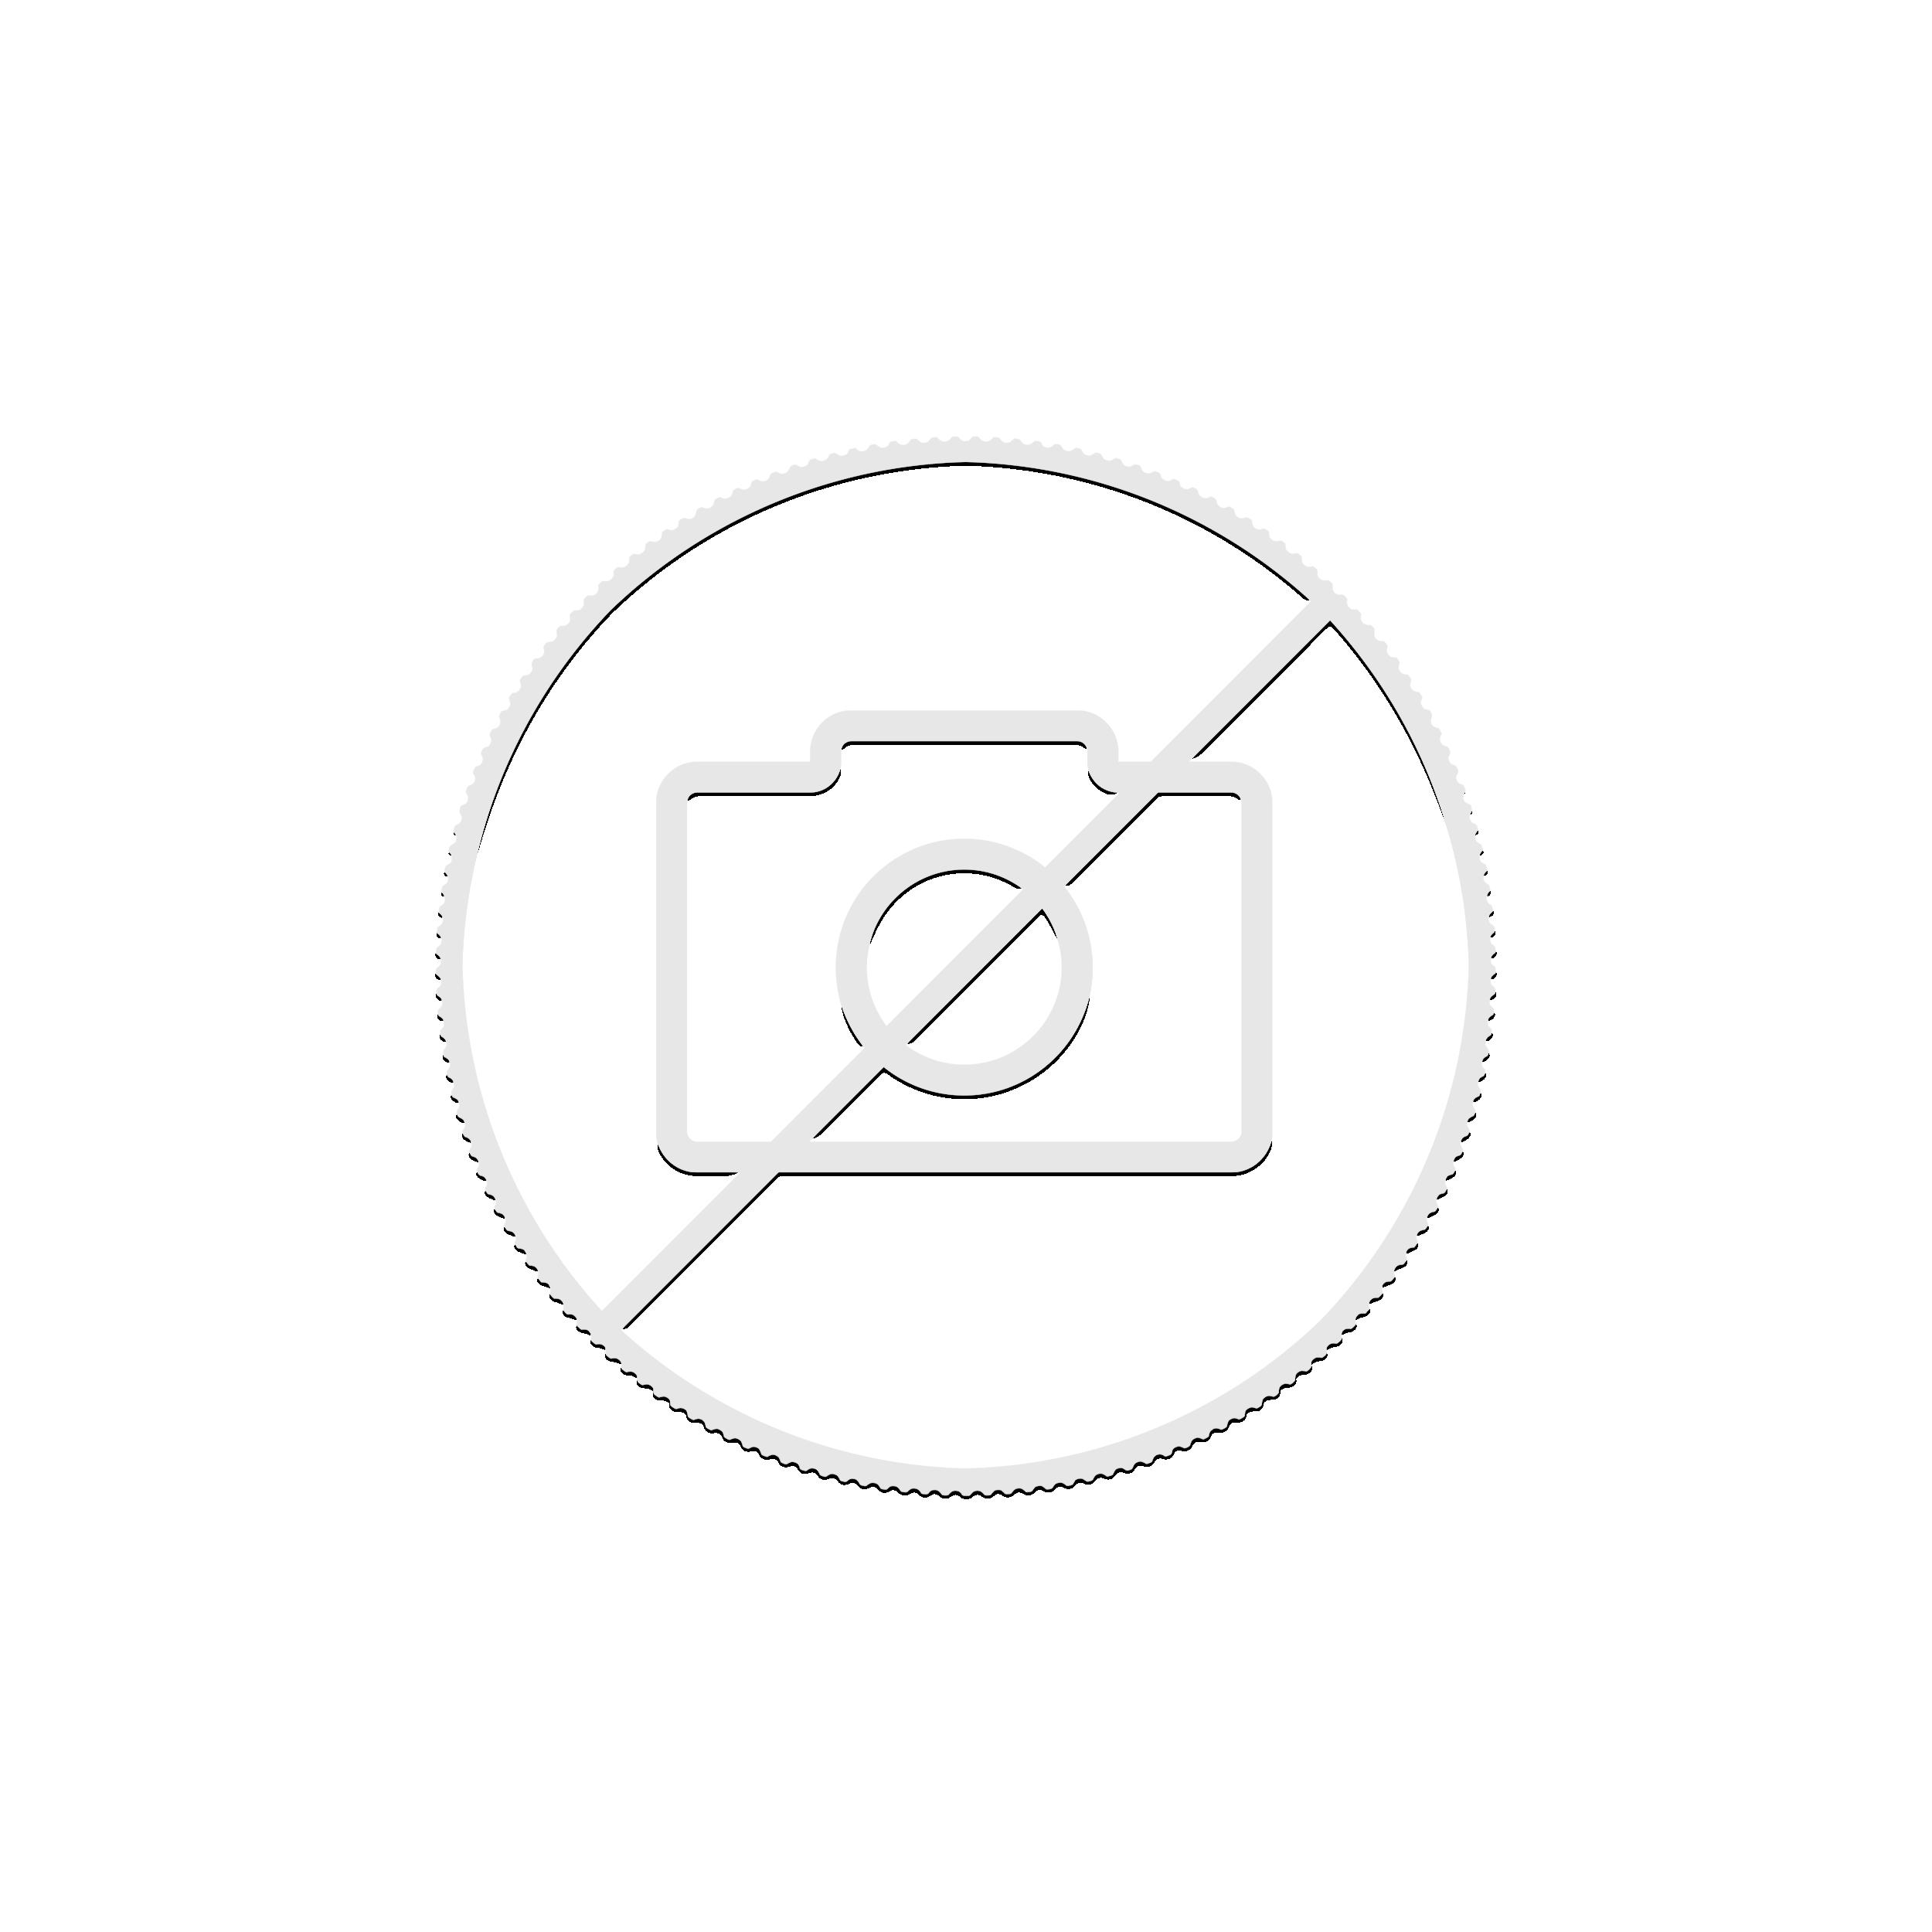 3 troy ounce zilveren munt Kameroen - Mars 2020